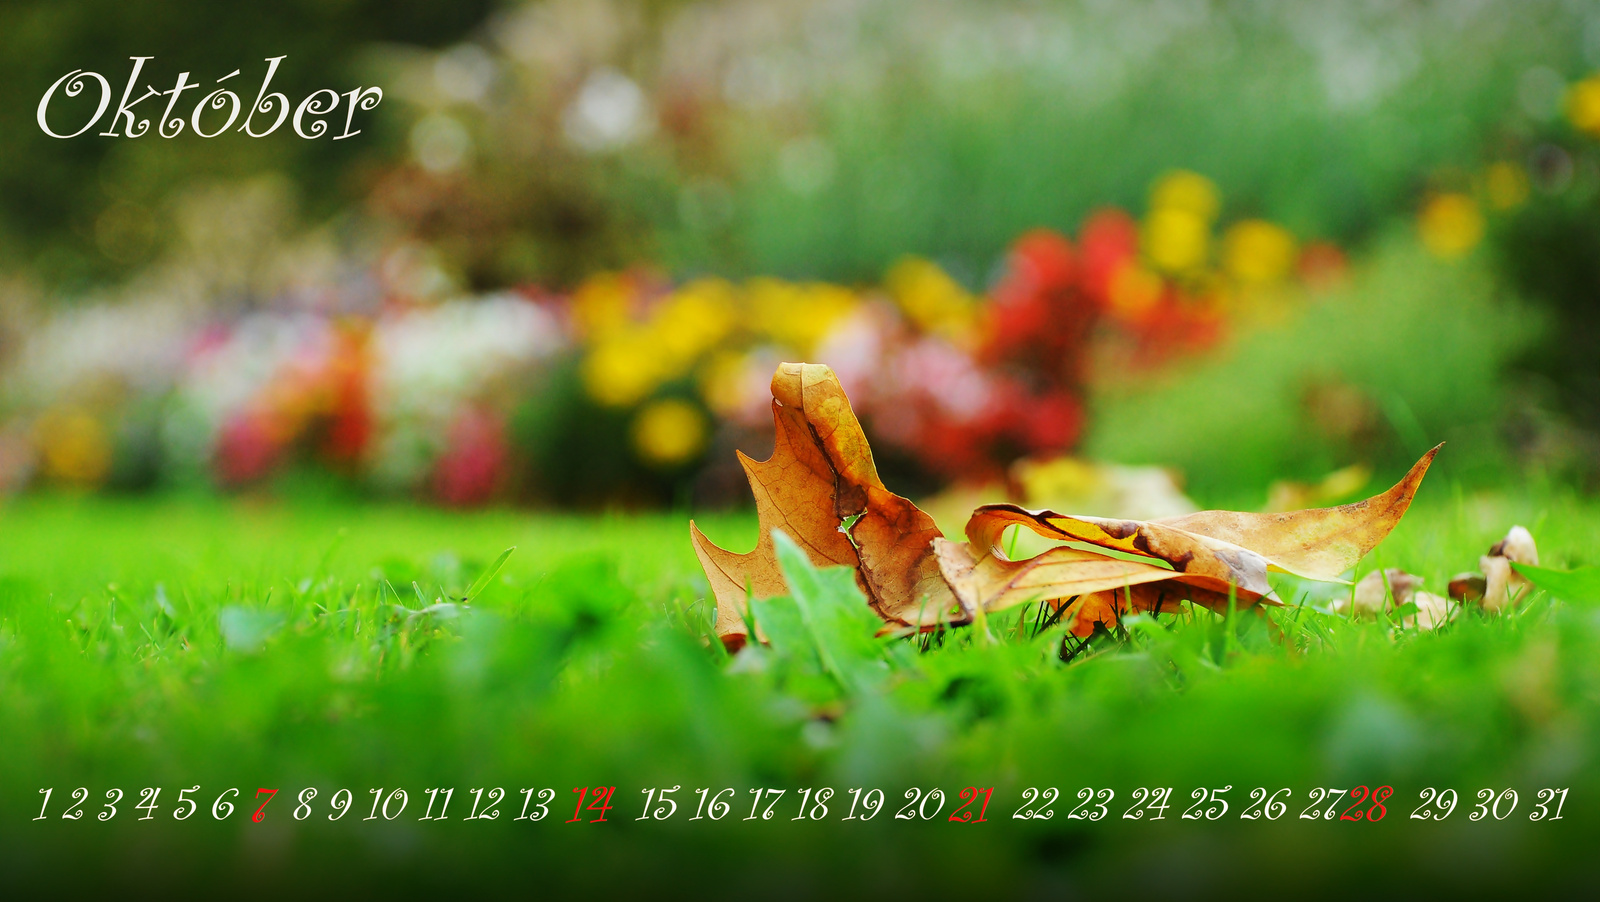 Október